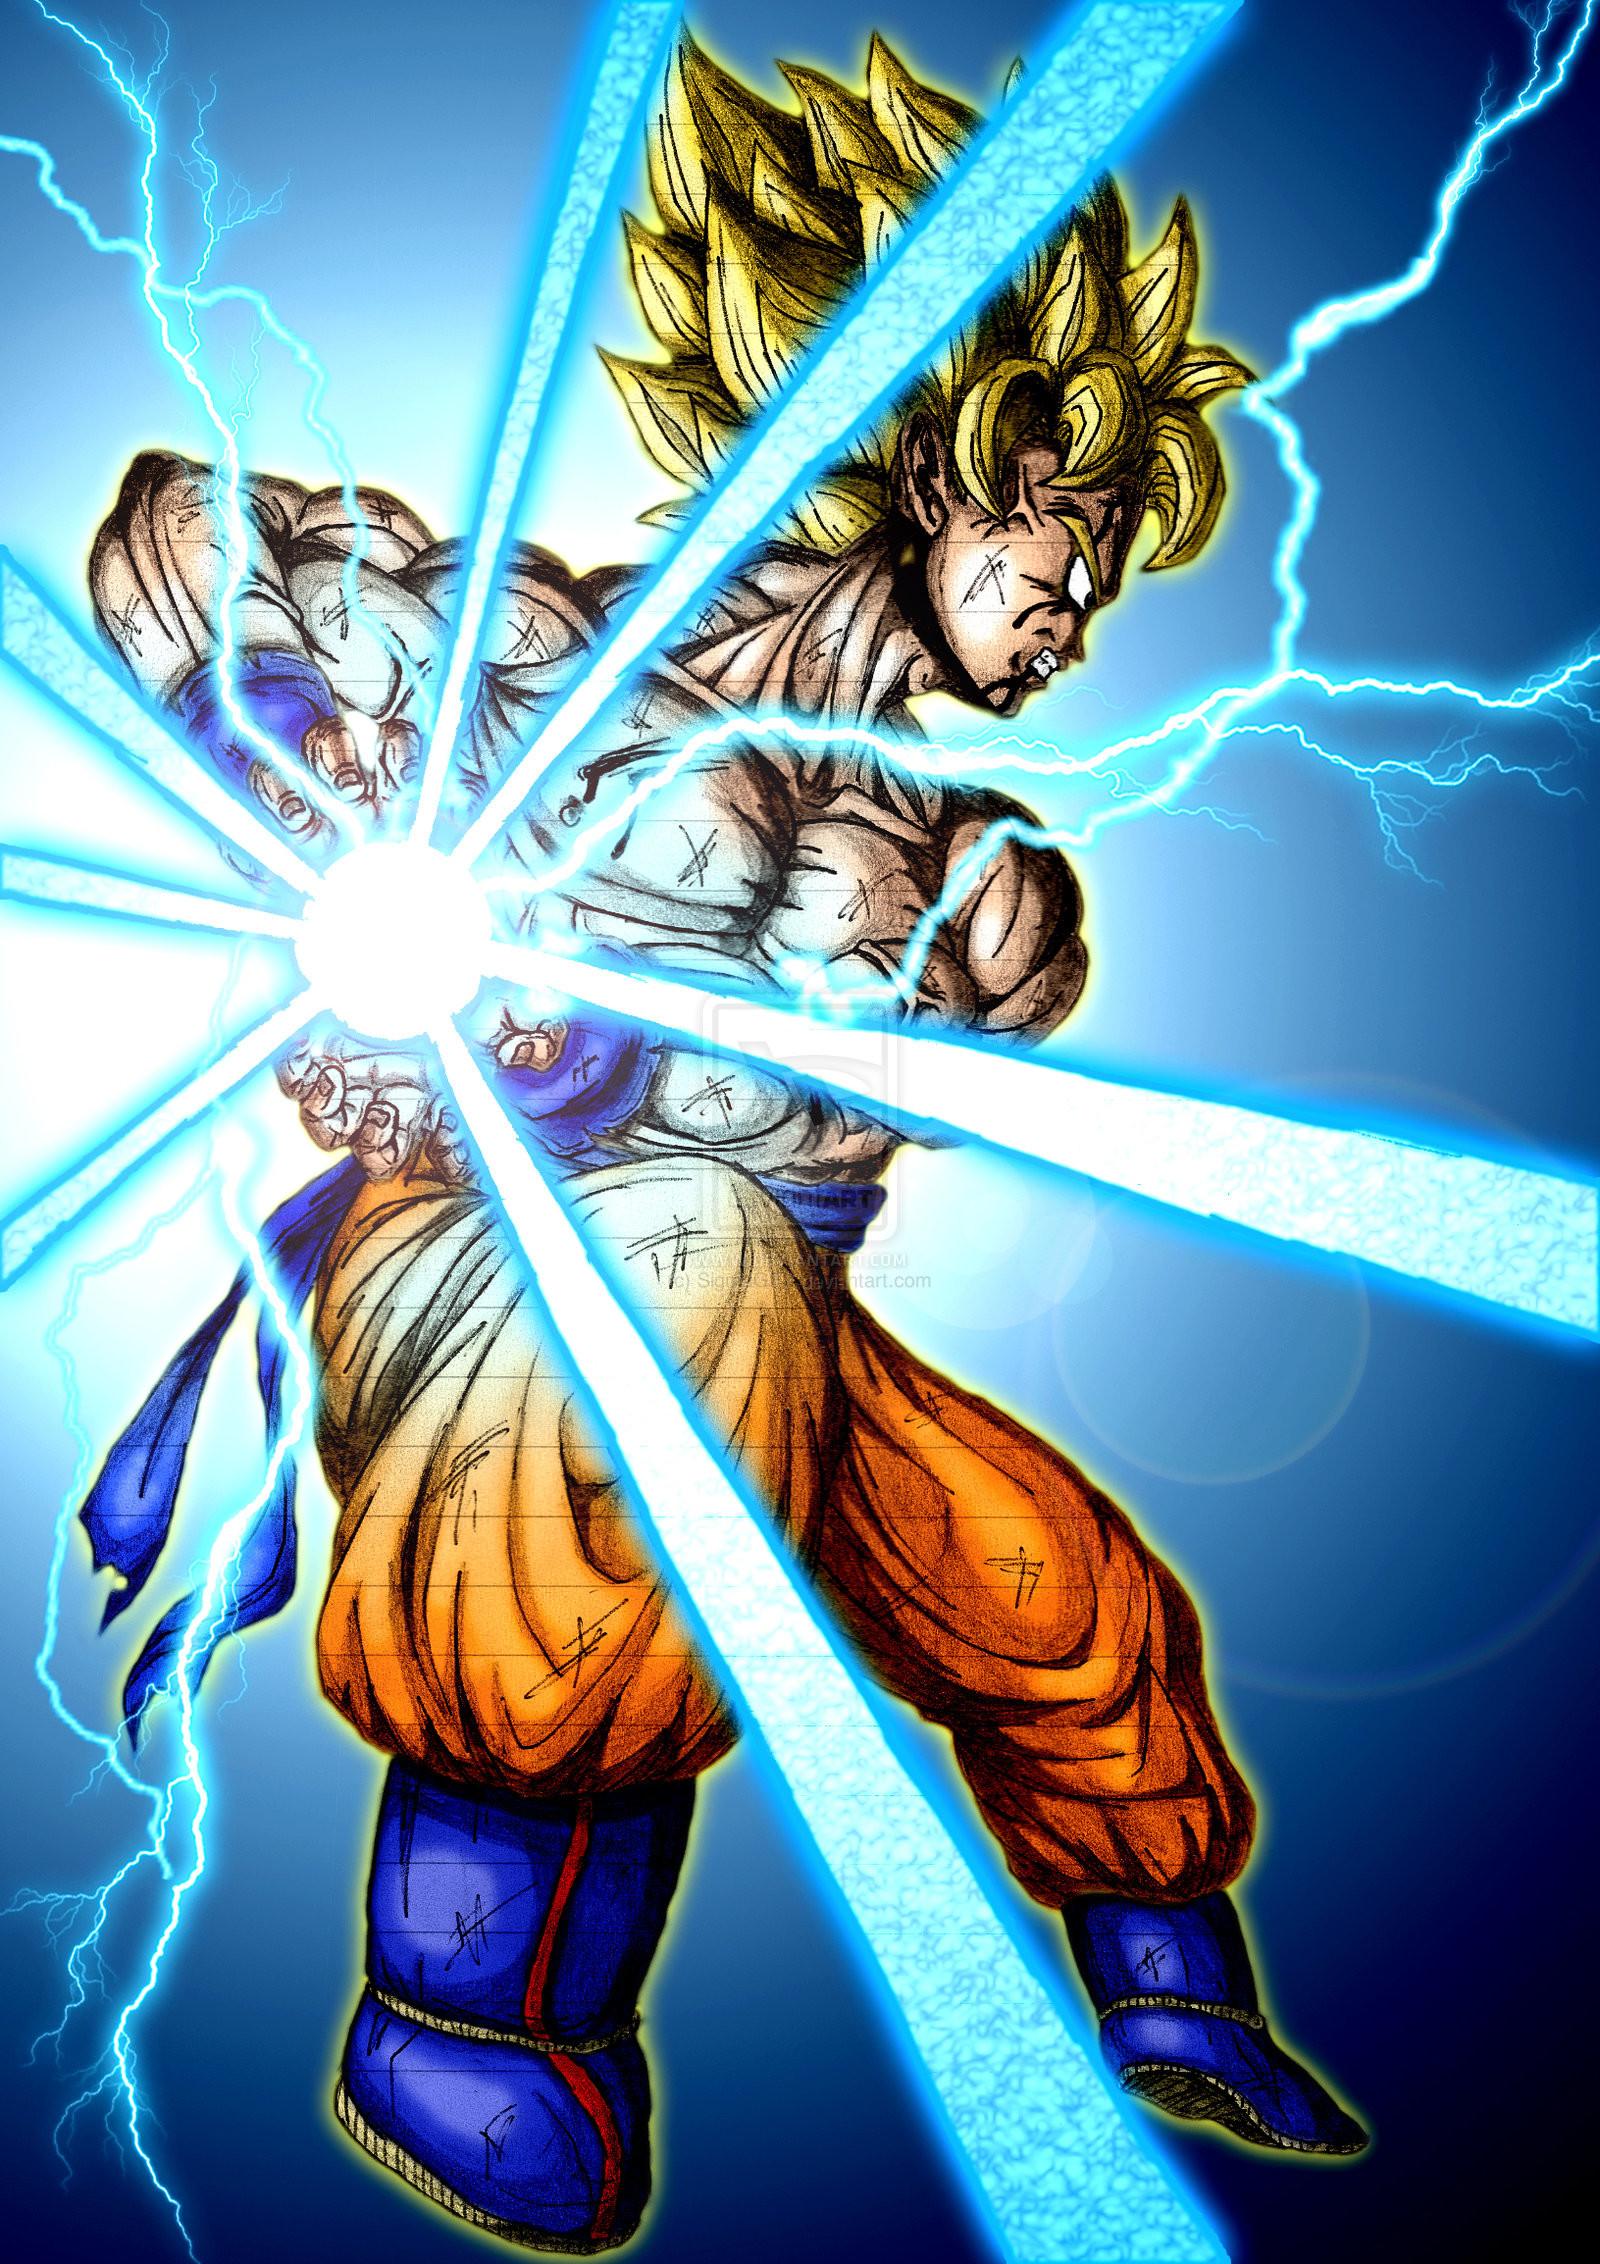 Goku Kamehameha Wallpaper (69+ images)